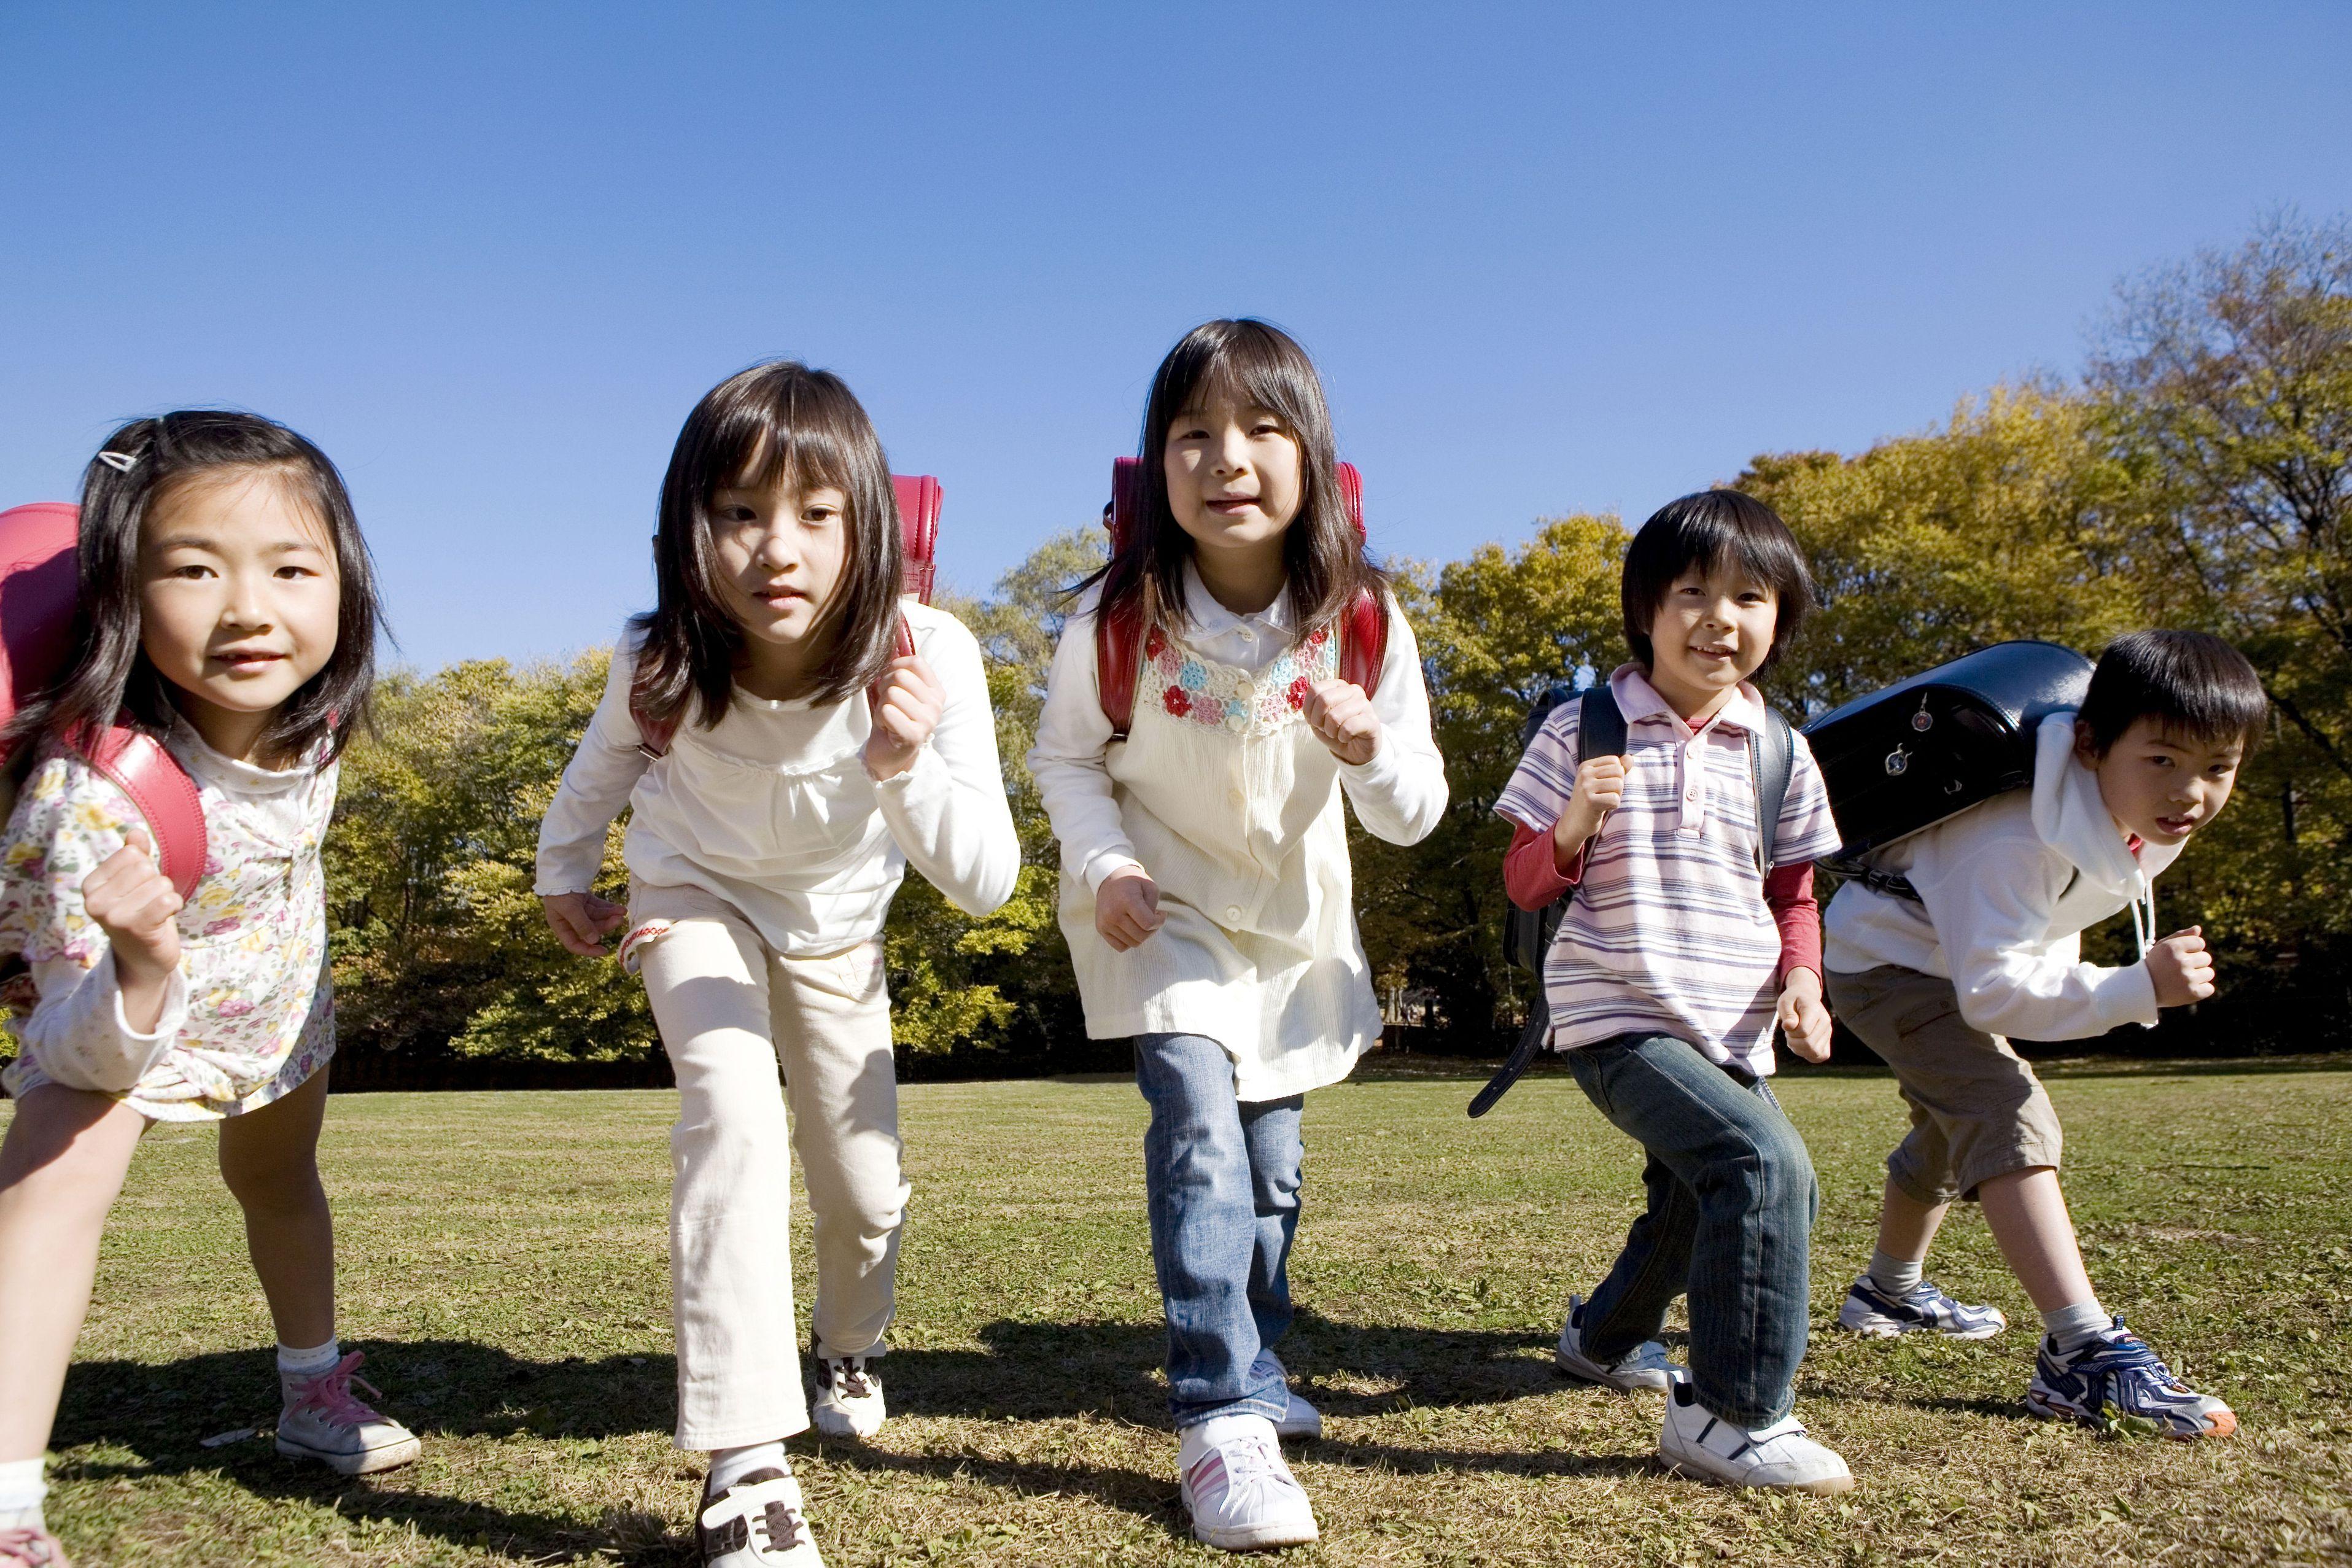 教育学专业申请的四大热门国家